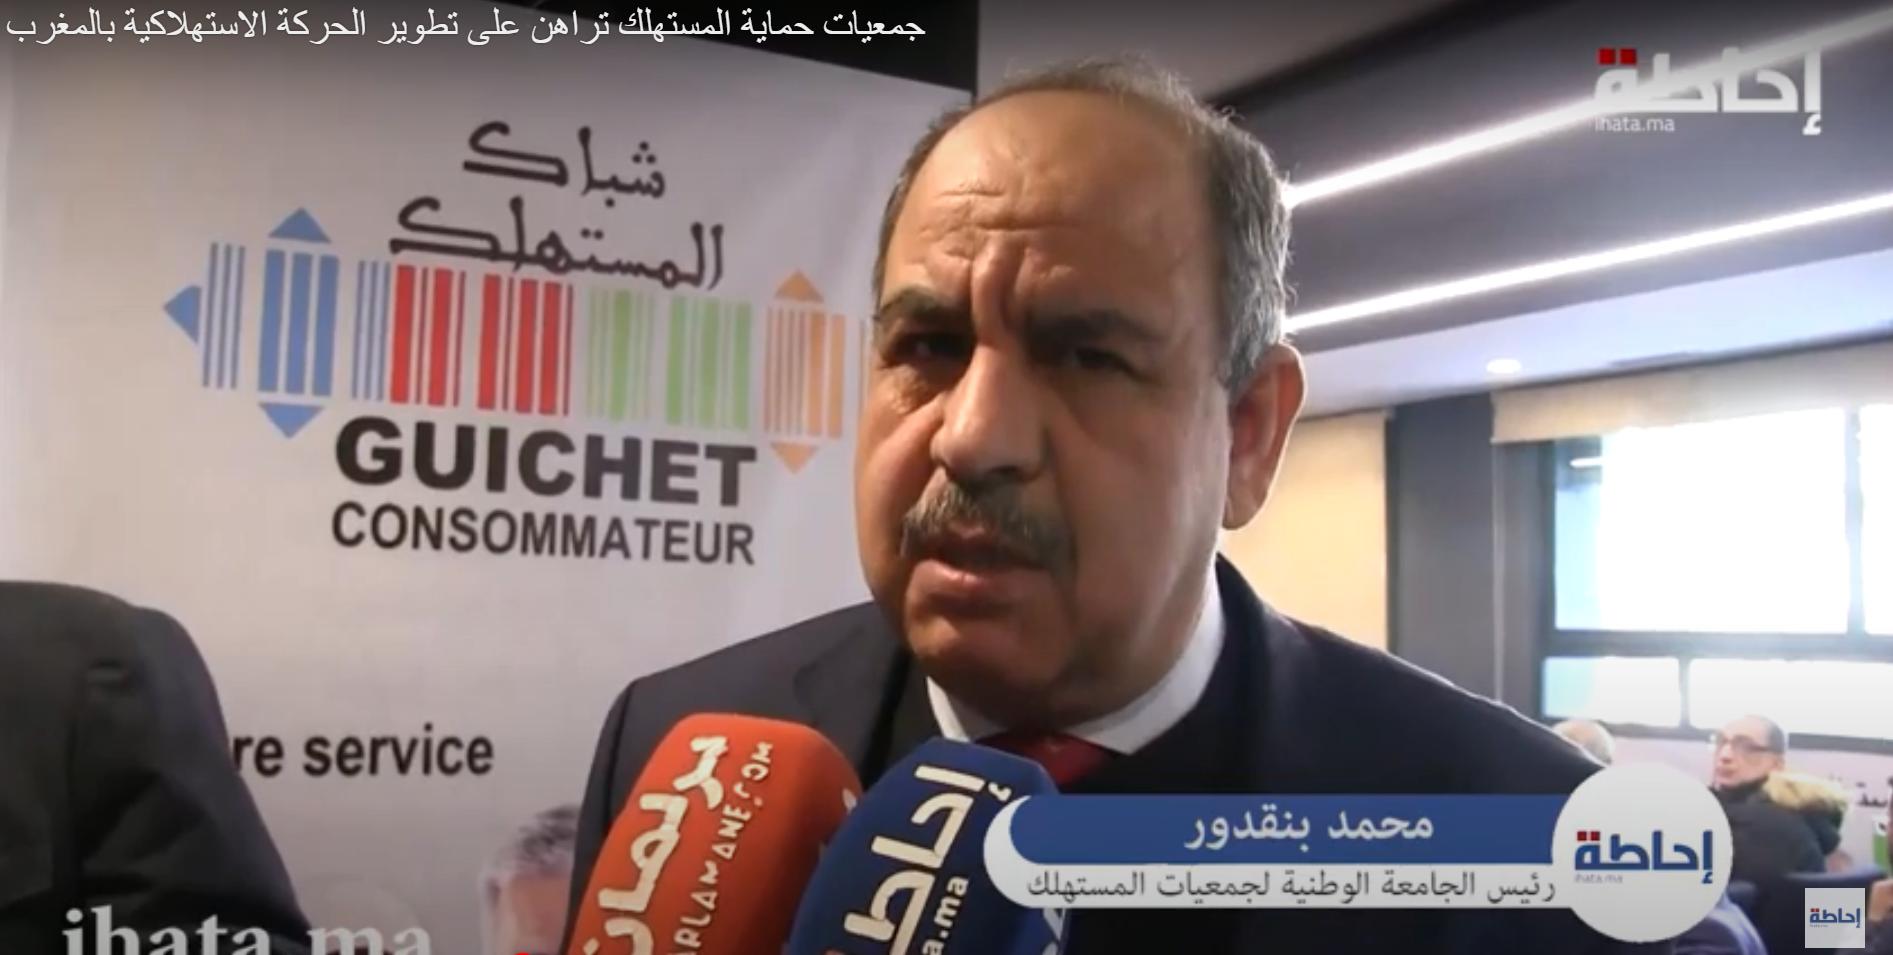 الحركة الاستهلاكية بالمغرب تتطور